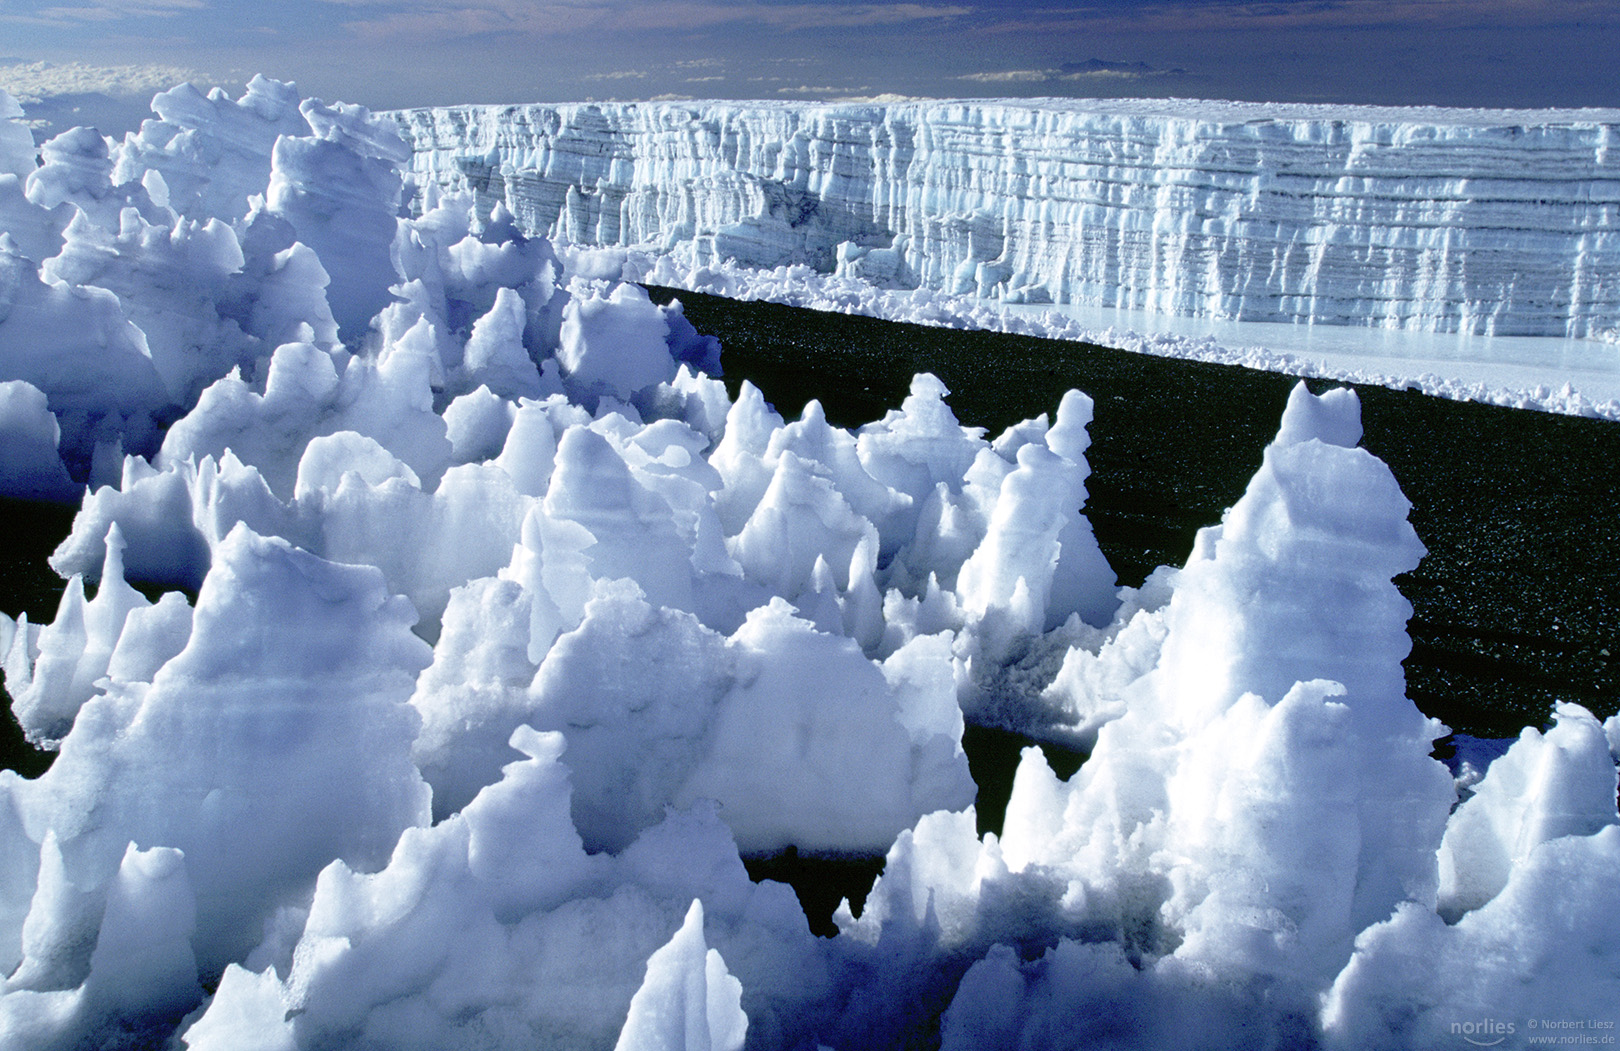 Kilimanjaro glacier, Tanzania